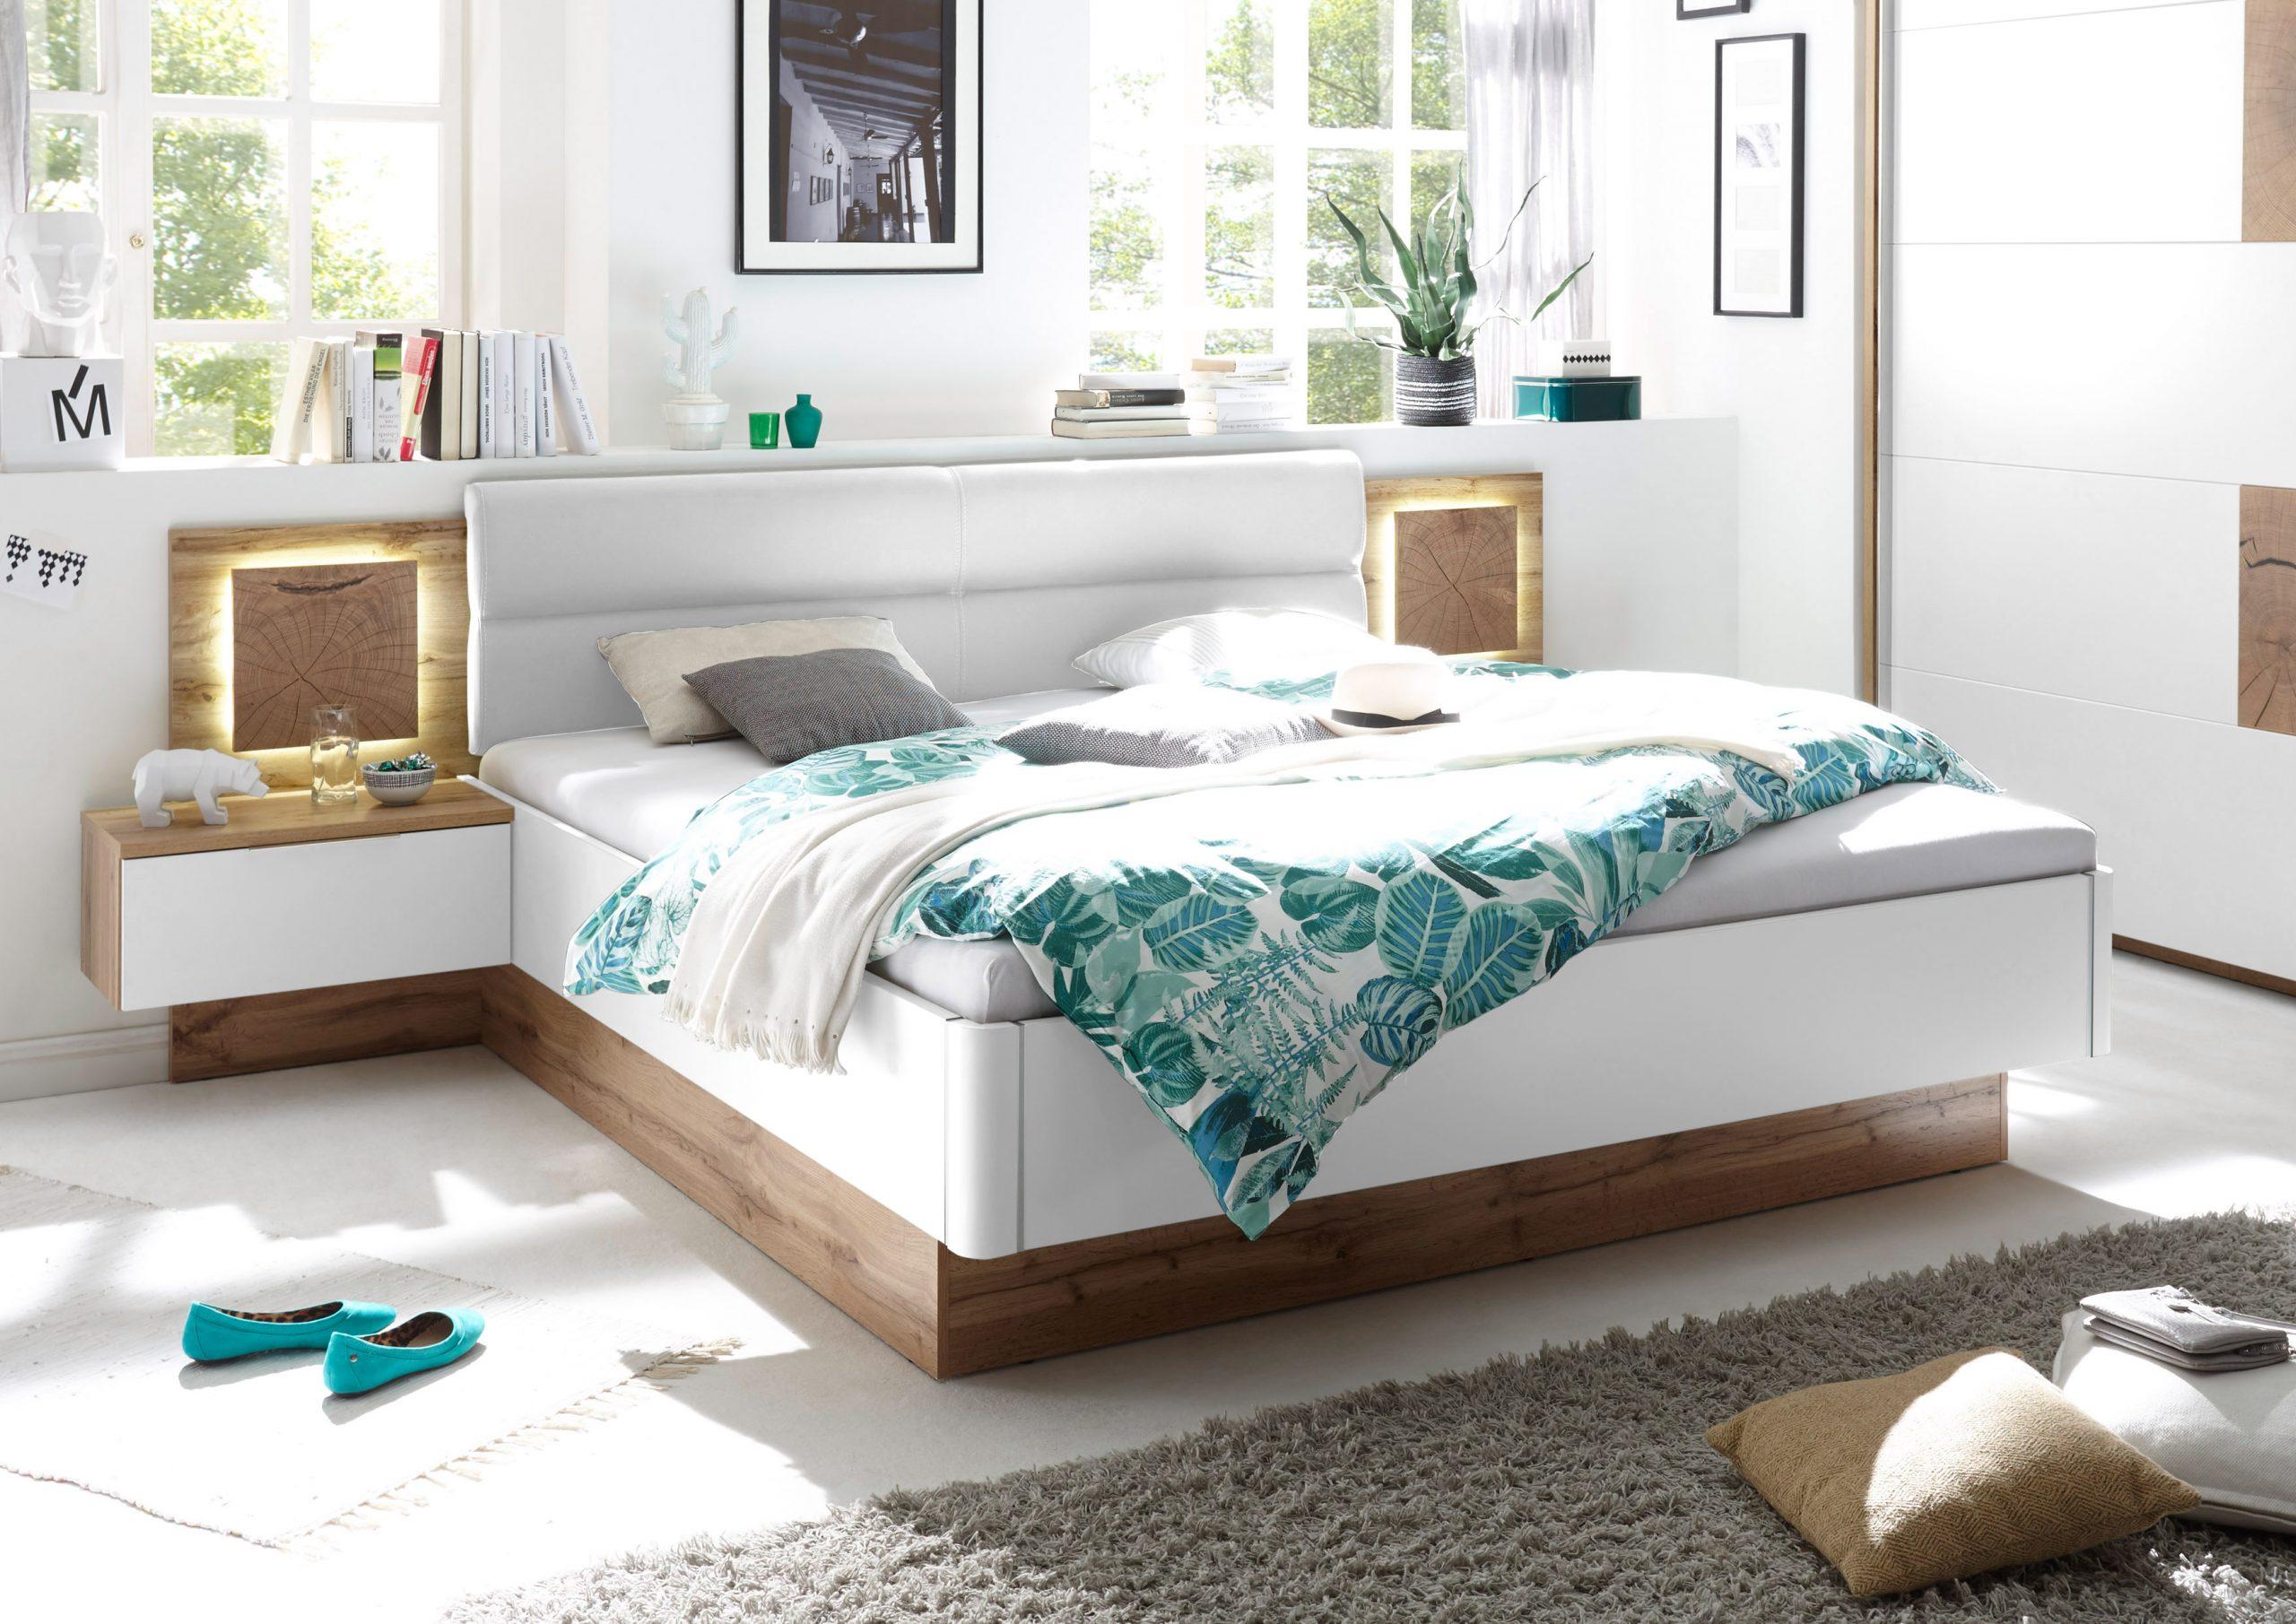 Full Size of Doppelbett Nachtkommoden Capri Bett Ehebett Schlafzimmer 180x200 Mit Schubladen Dormiente Betten Aufbewahrung überlänge Kopfteil Selber Bauen Günstig Kaufen Bett Bett 180x200 Günstig